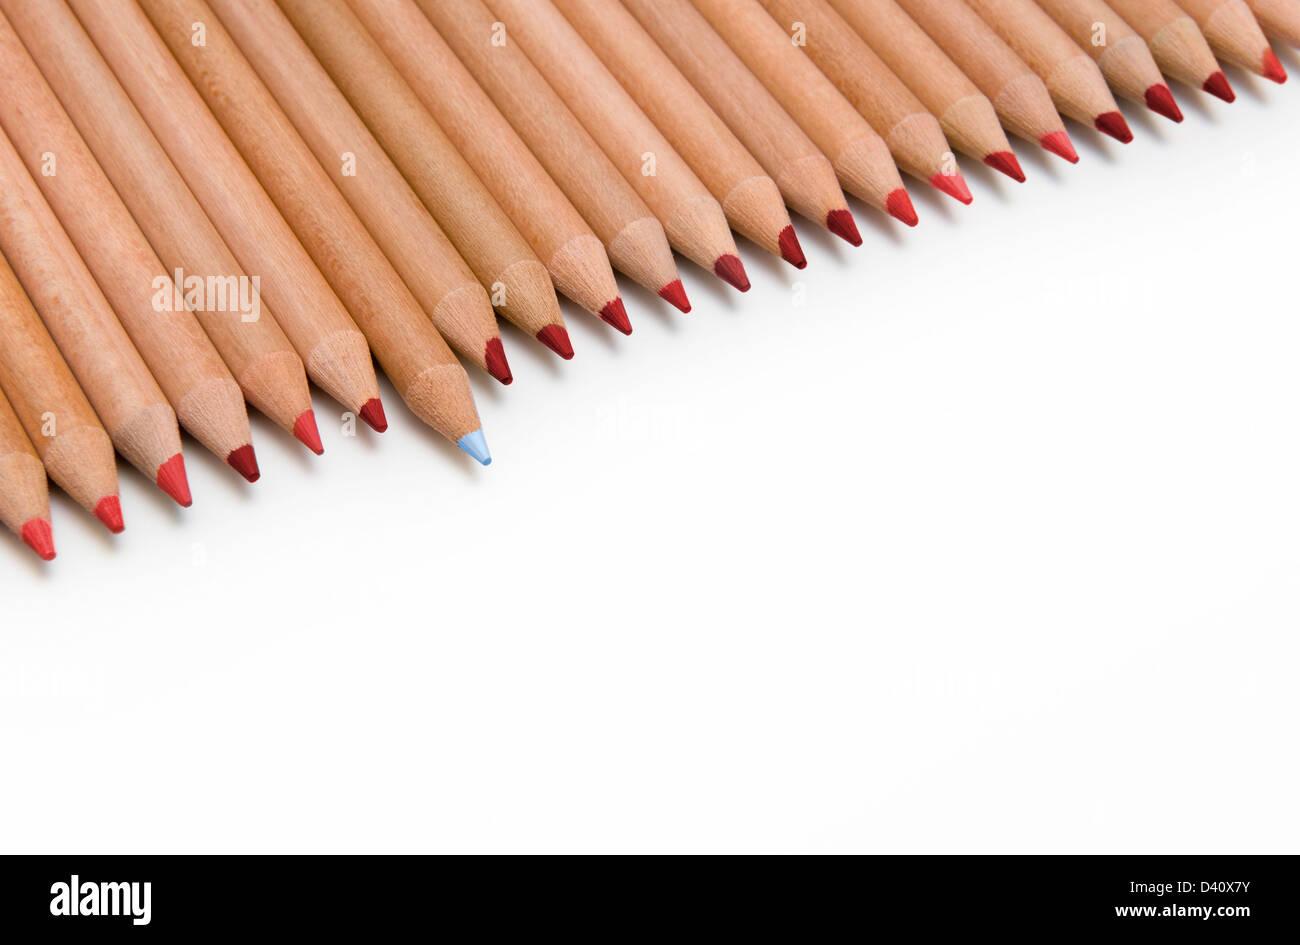 Ligne de crayons de couleur rouge avec un crayon bleu qui sort - concept de différence Photo Stock